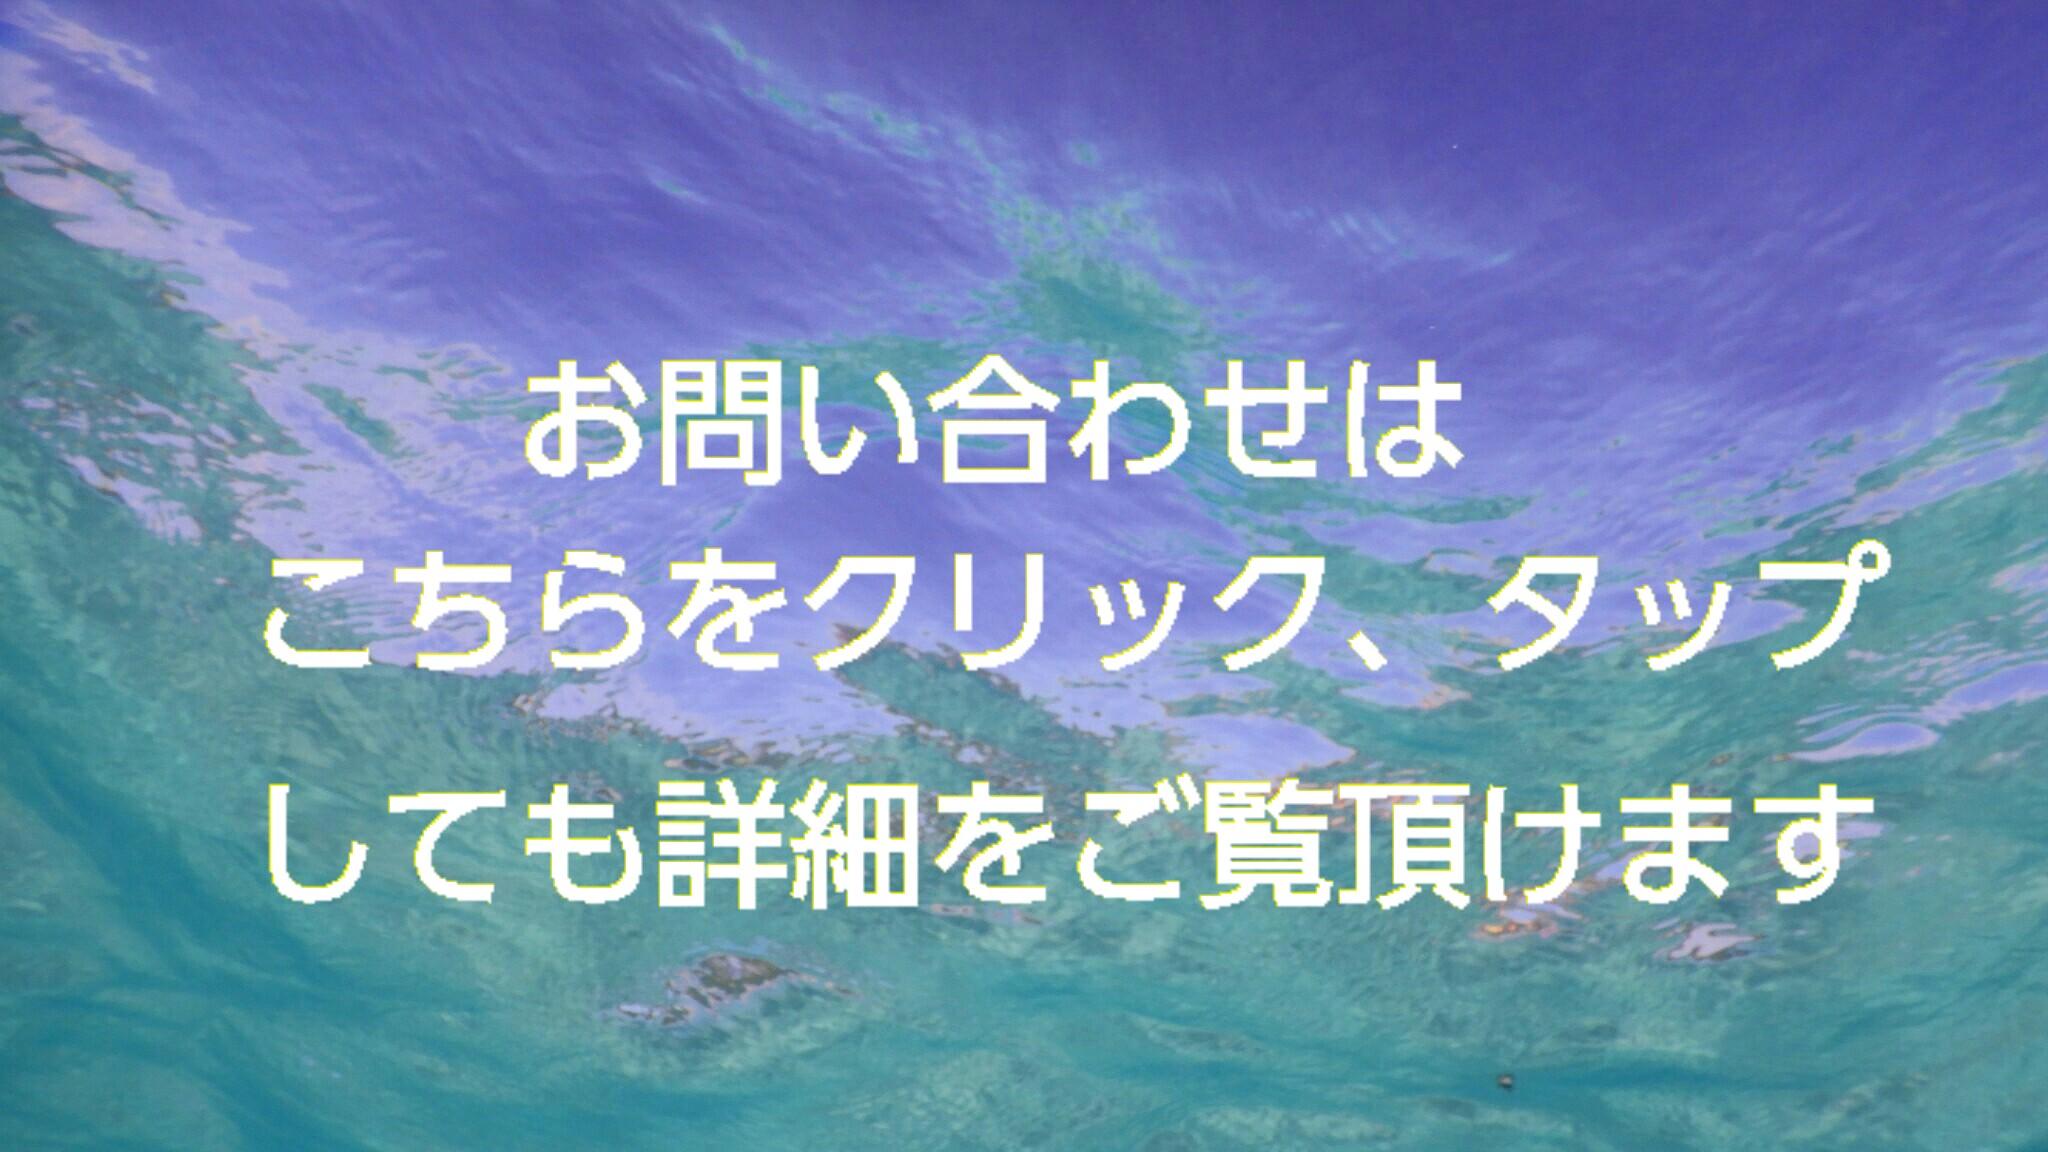 宮古島シュノーケリングツアーのお問い合わせショートカット